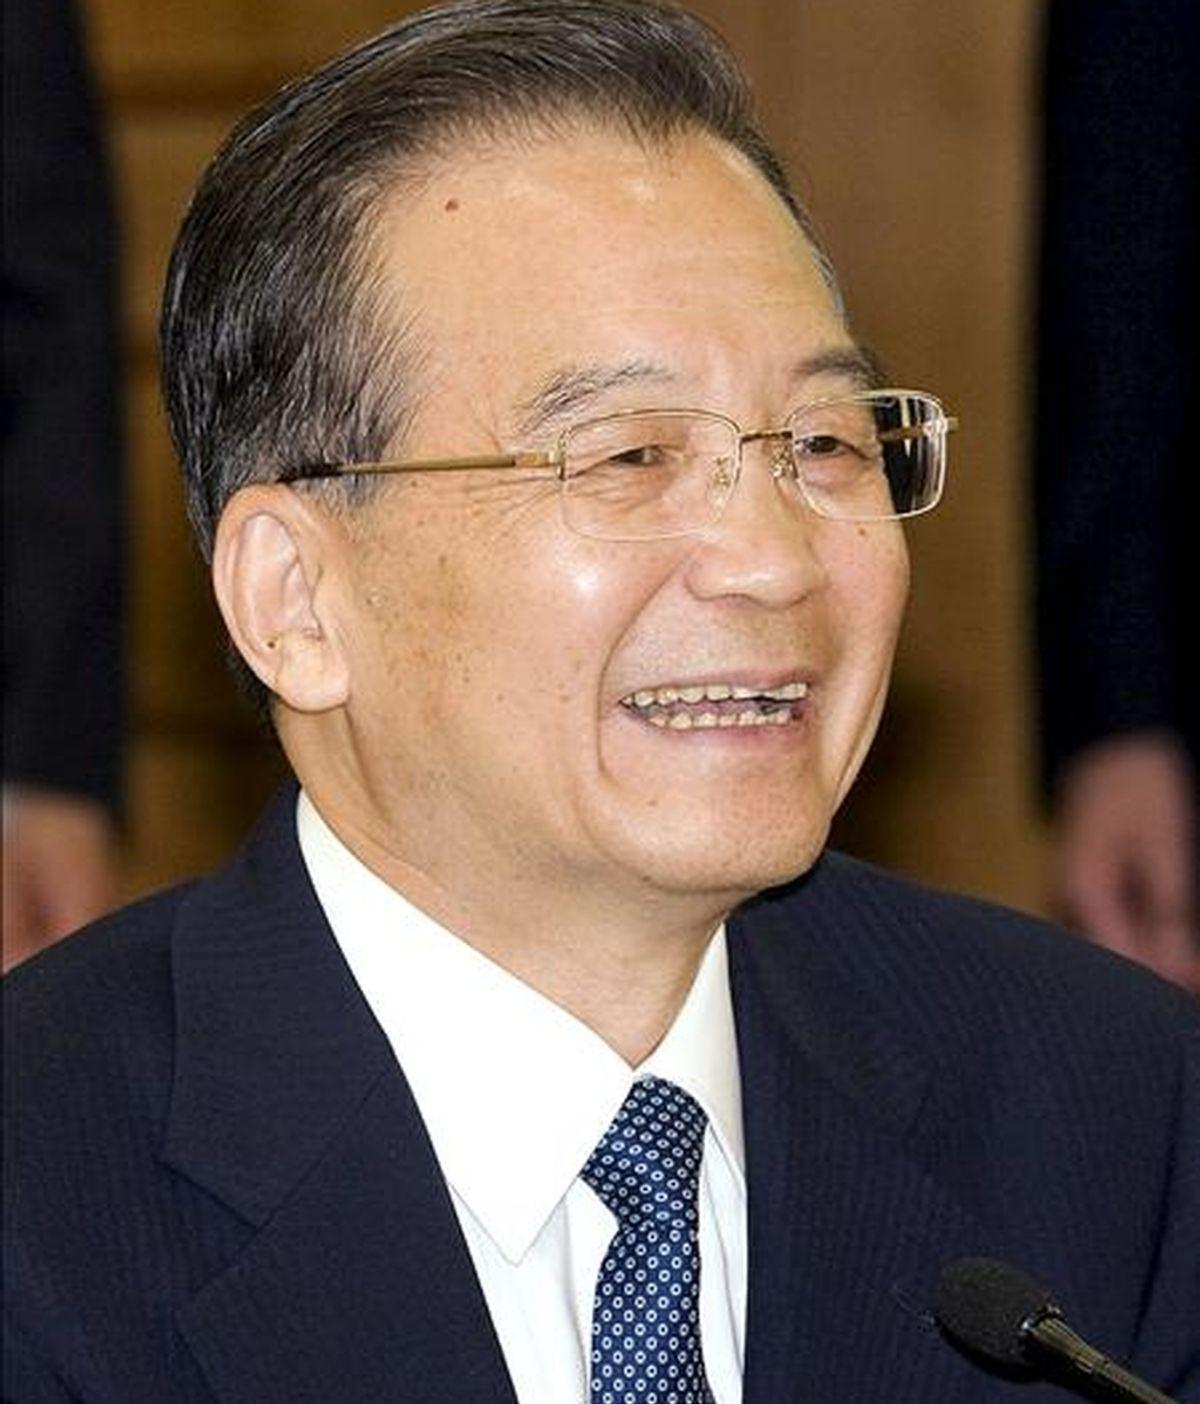 El escritor y disidente chino Yu Jie fue detenido por la policía tras anunciar la publicación de un nuevo libro en el que critica el régimen del Partido Comunista de China. En la imagen, el primer ministro chino, Wen Jiabao. EFE/Archivo